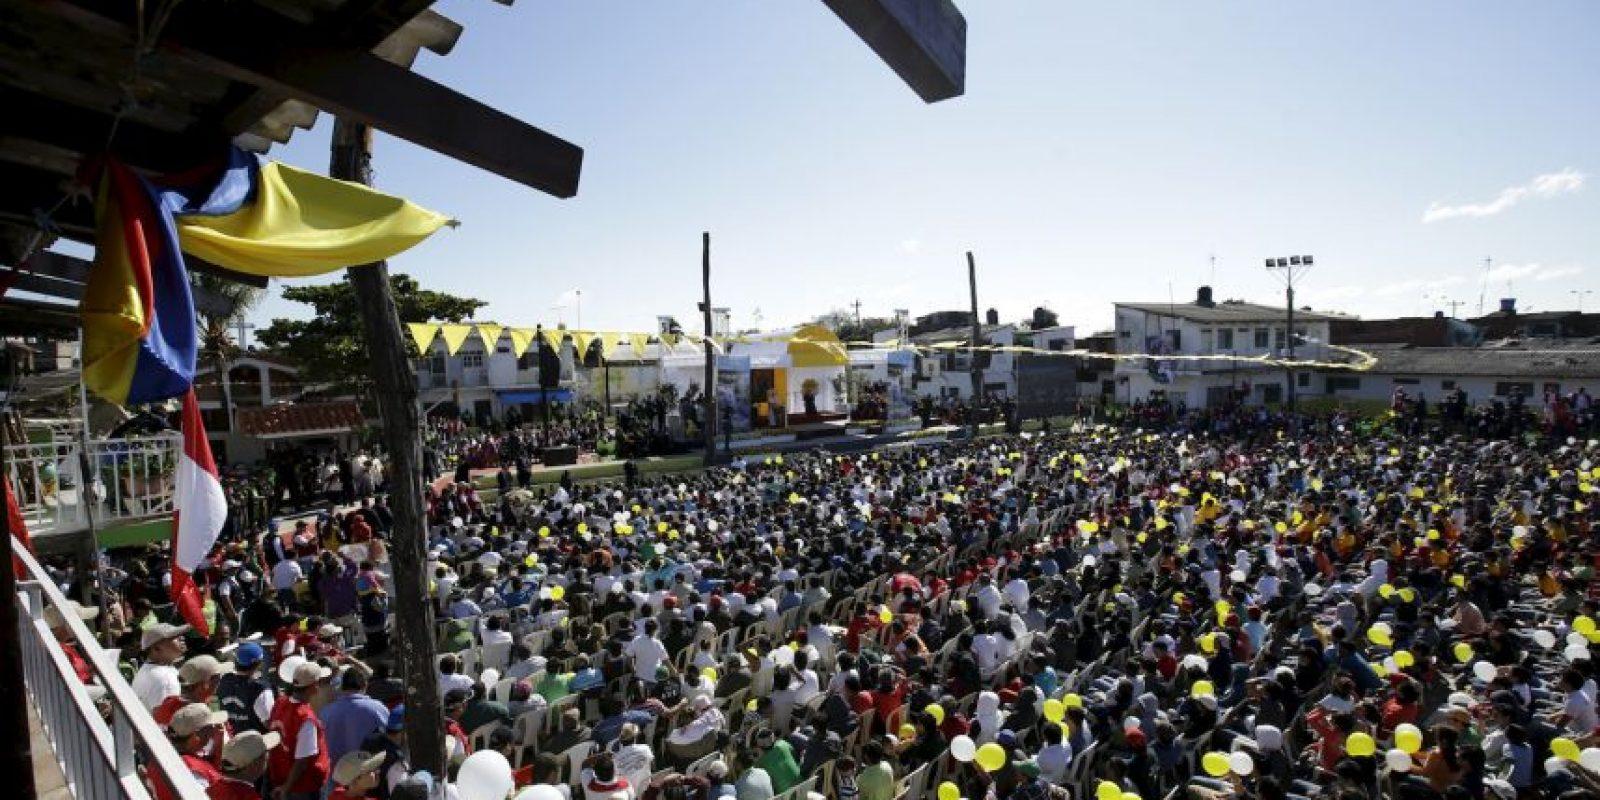 En el lugar hubo cerca de cuatro mil personas Foto:AP